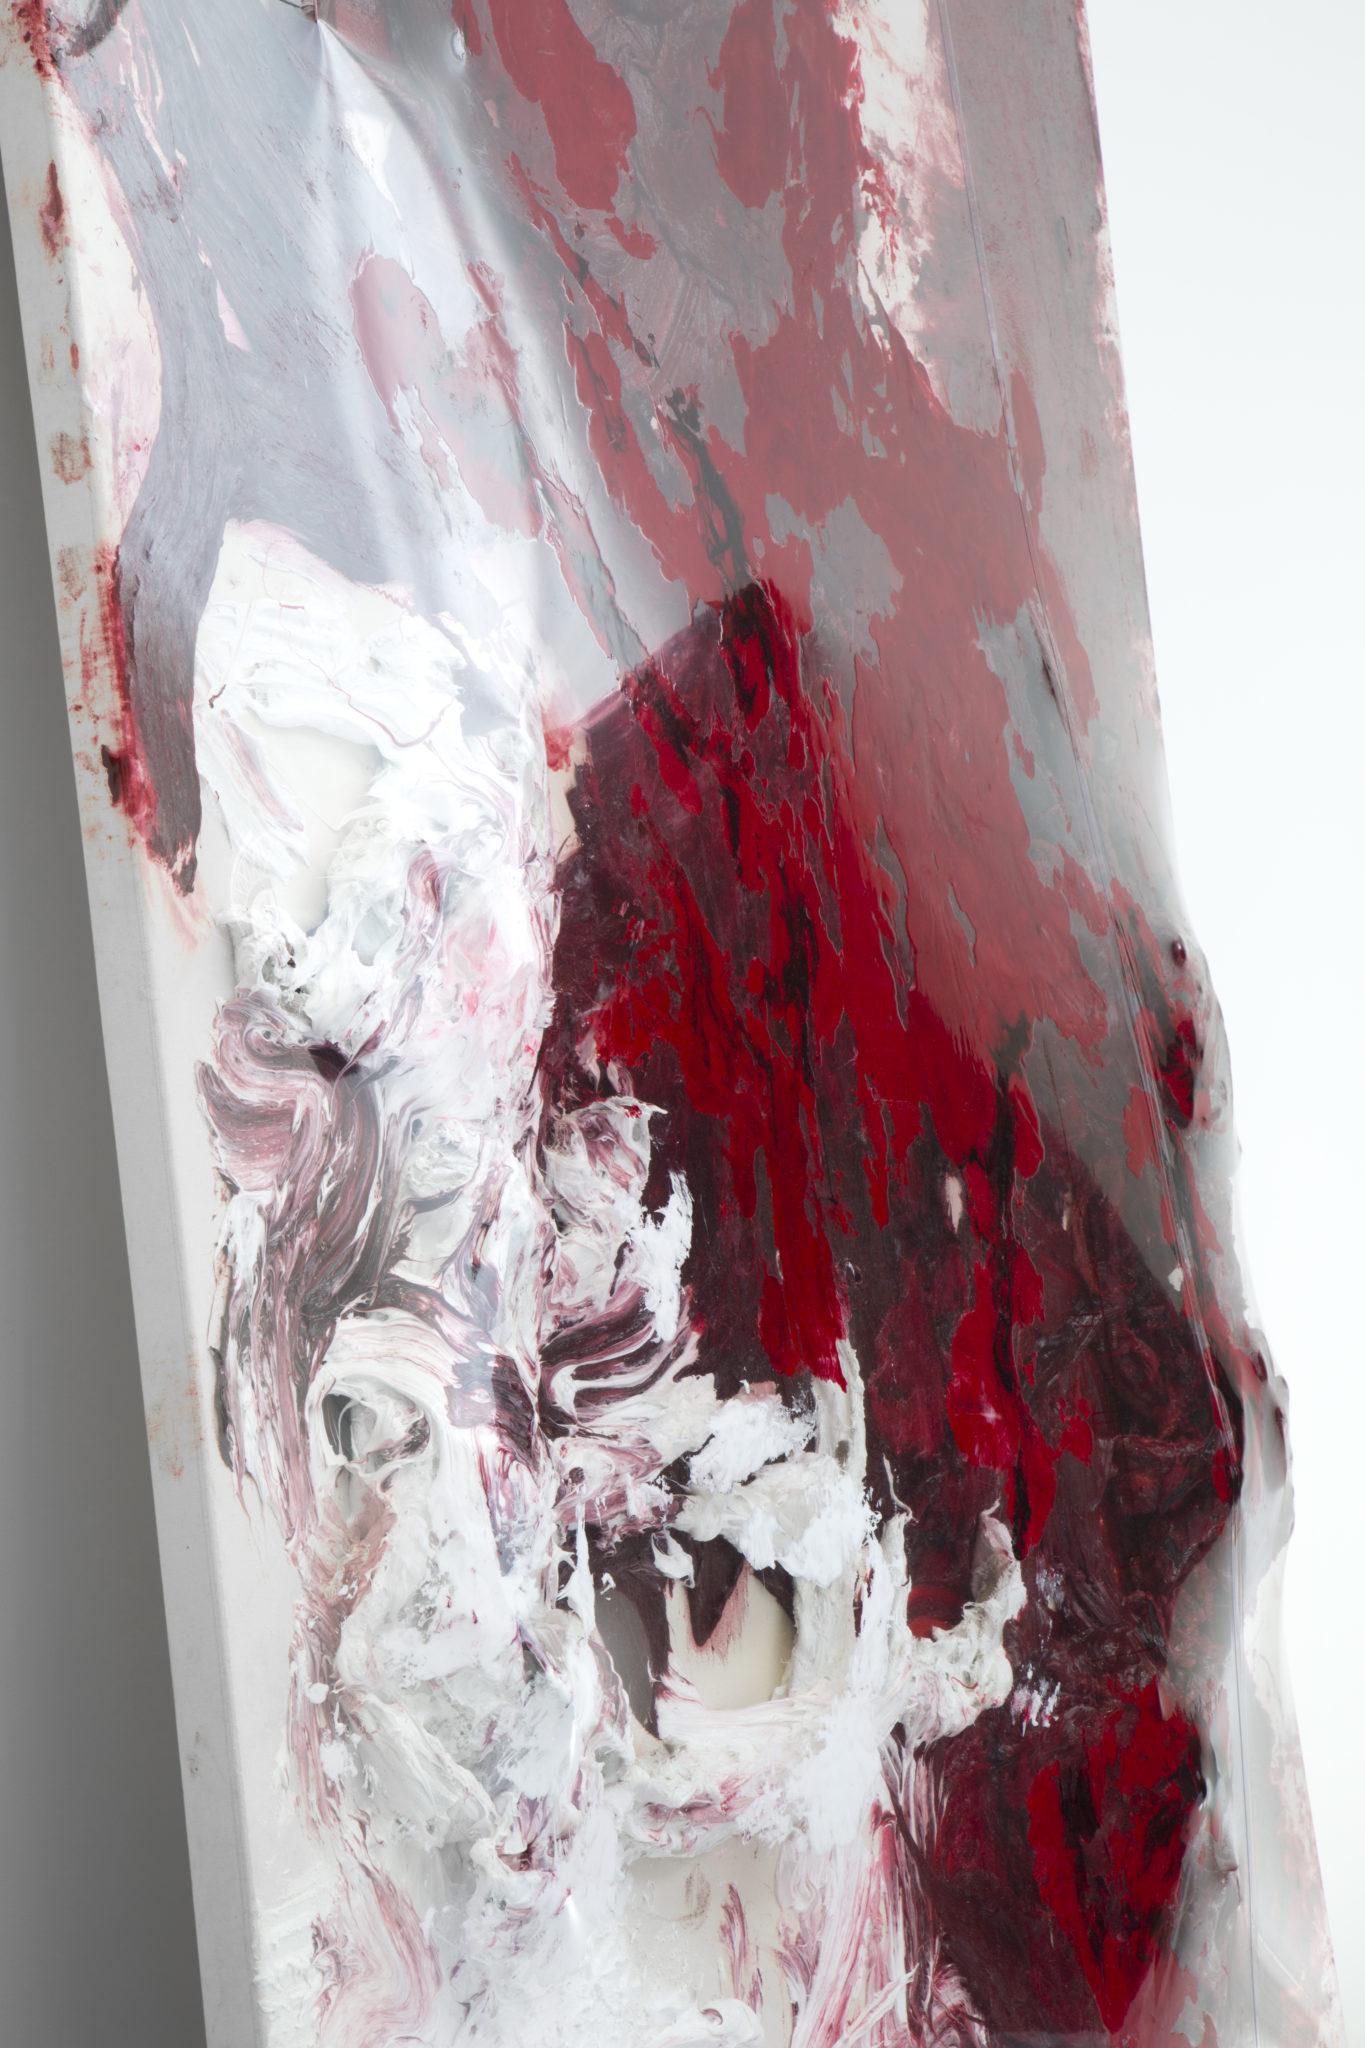 AnishKapoor Untitled, 2018 Détail / Detail Silicone, PVC sur toile montée sur planche / Silicone, PVC on canvas mounted on board 305x213x25cm  Vue de l'exposition / View of the exhibition «Another(M)other», kamelmennour (6rueduPontdeLodi), Paris6, 2018  ©ADAGPAnishKapoor2018 Photo. archiveskamelmennour Courtesy the artist and kamelmennour, Paris/London